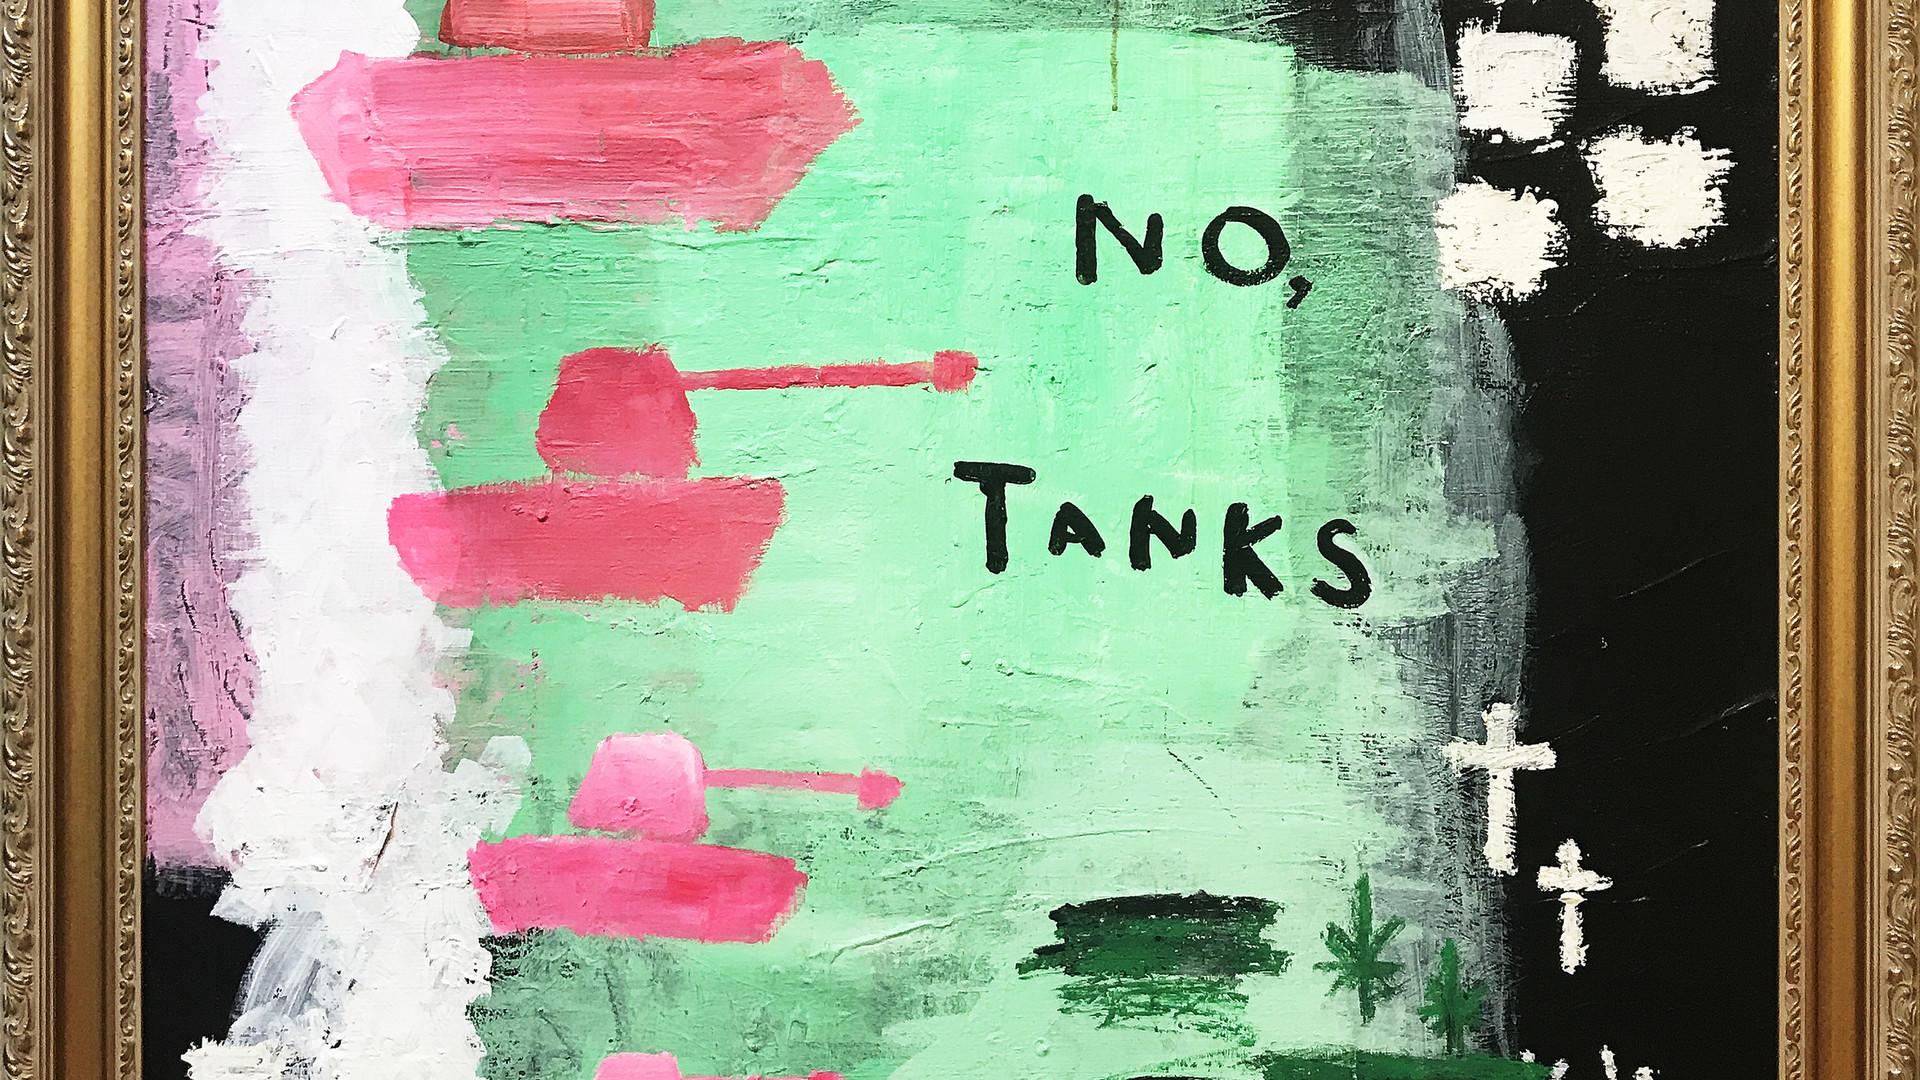 5 No Tanks, 2017, Mixed media on canvas,